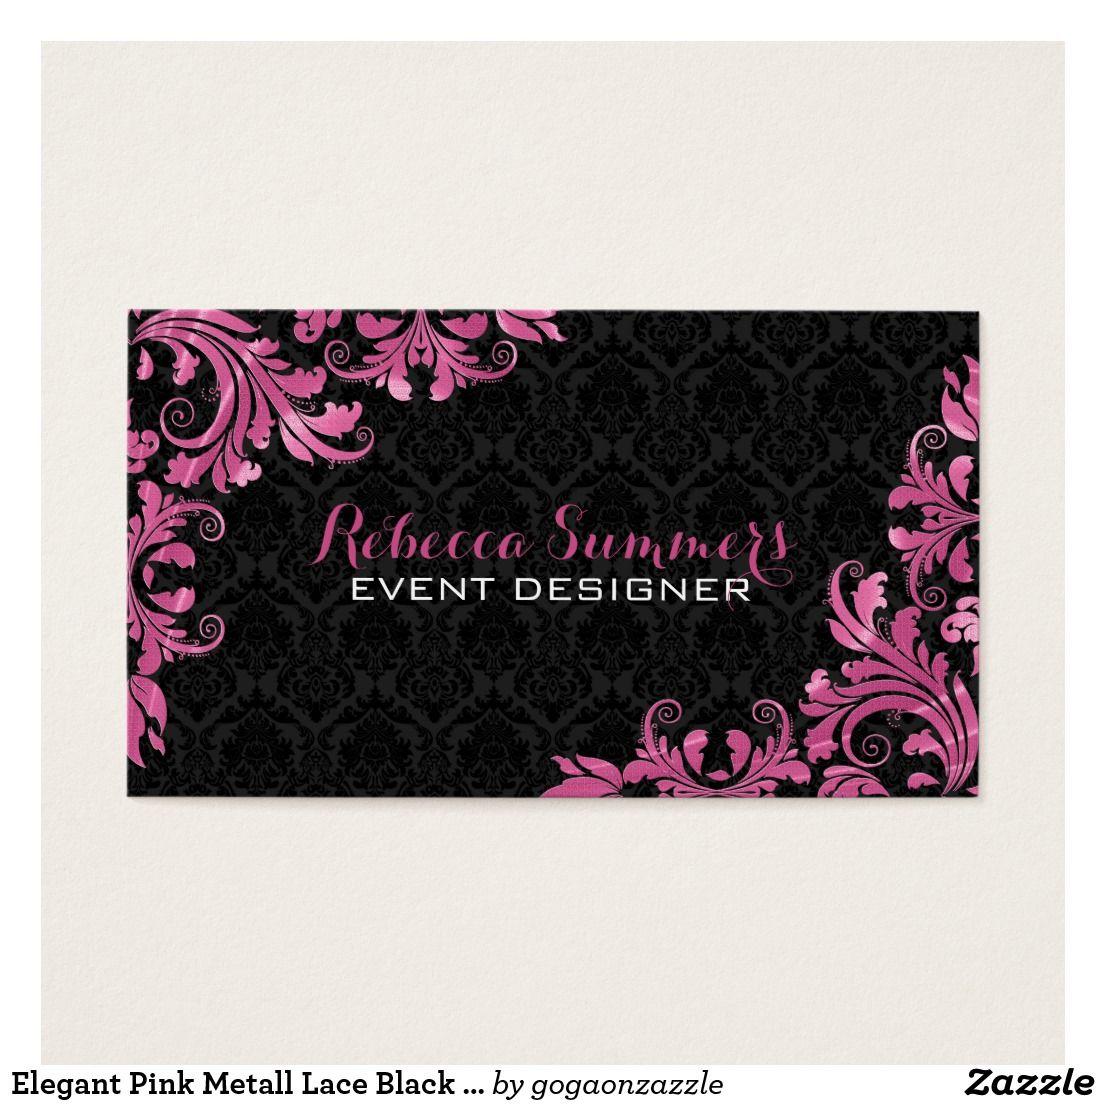 Elegant Pink Metall Lace Black Damasks Business Cards. Designed for ...